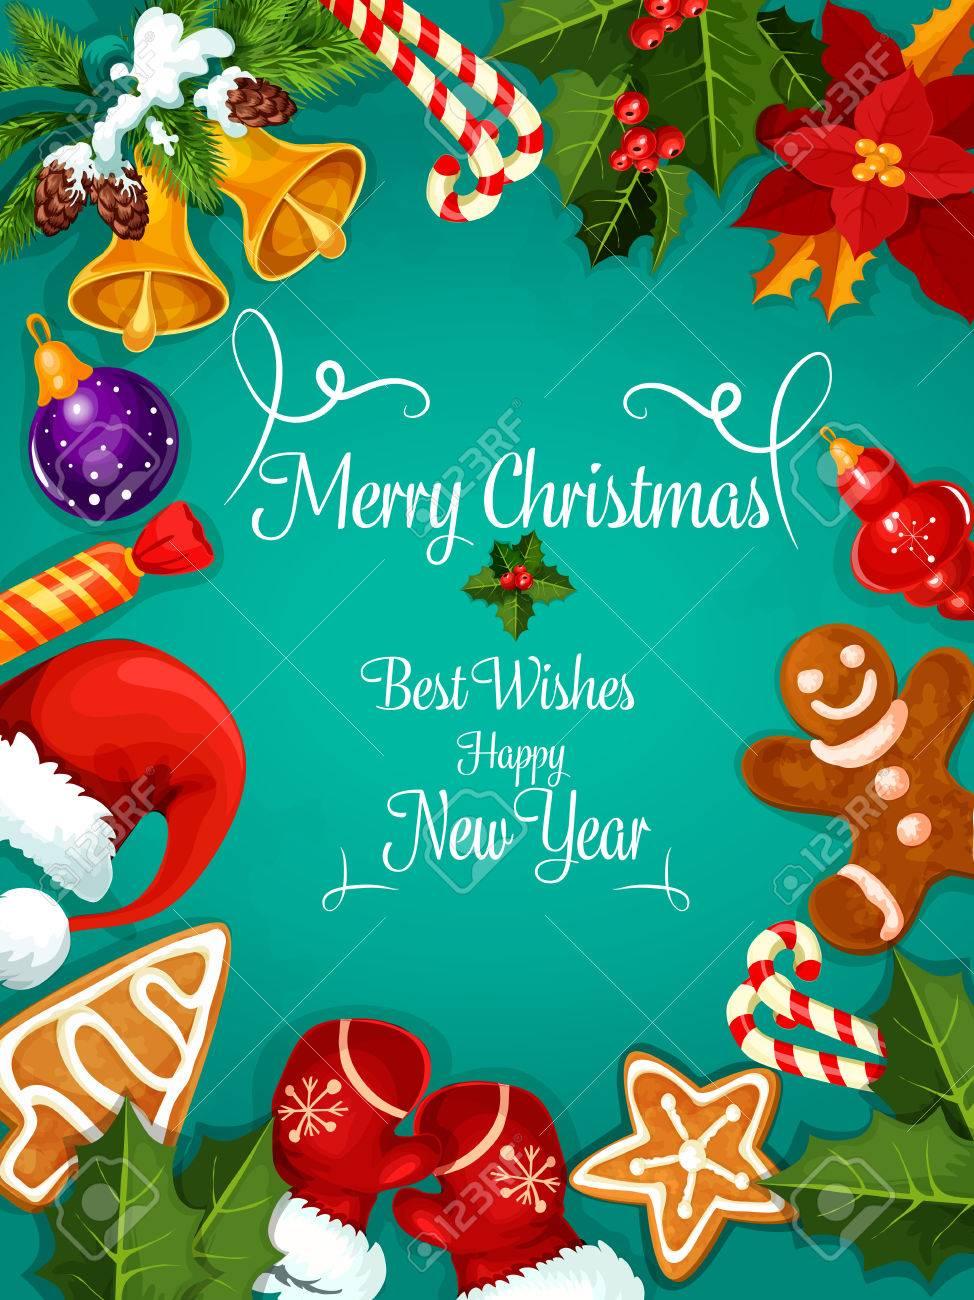 Las Mejores Felicitaciones De Navidad Y Ano Nuevo.Feliz Navidad Y Tarjeta De Felicitacion De Ano Nuevo Cartel Los Mejores Deseos Felicitaciones Lado A Otro Ano Nuevo Y Vacaciones De Navidad